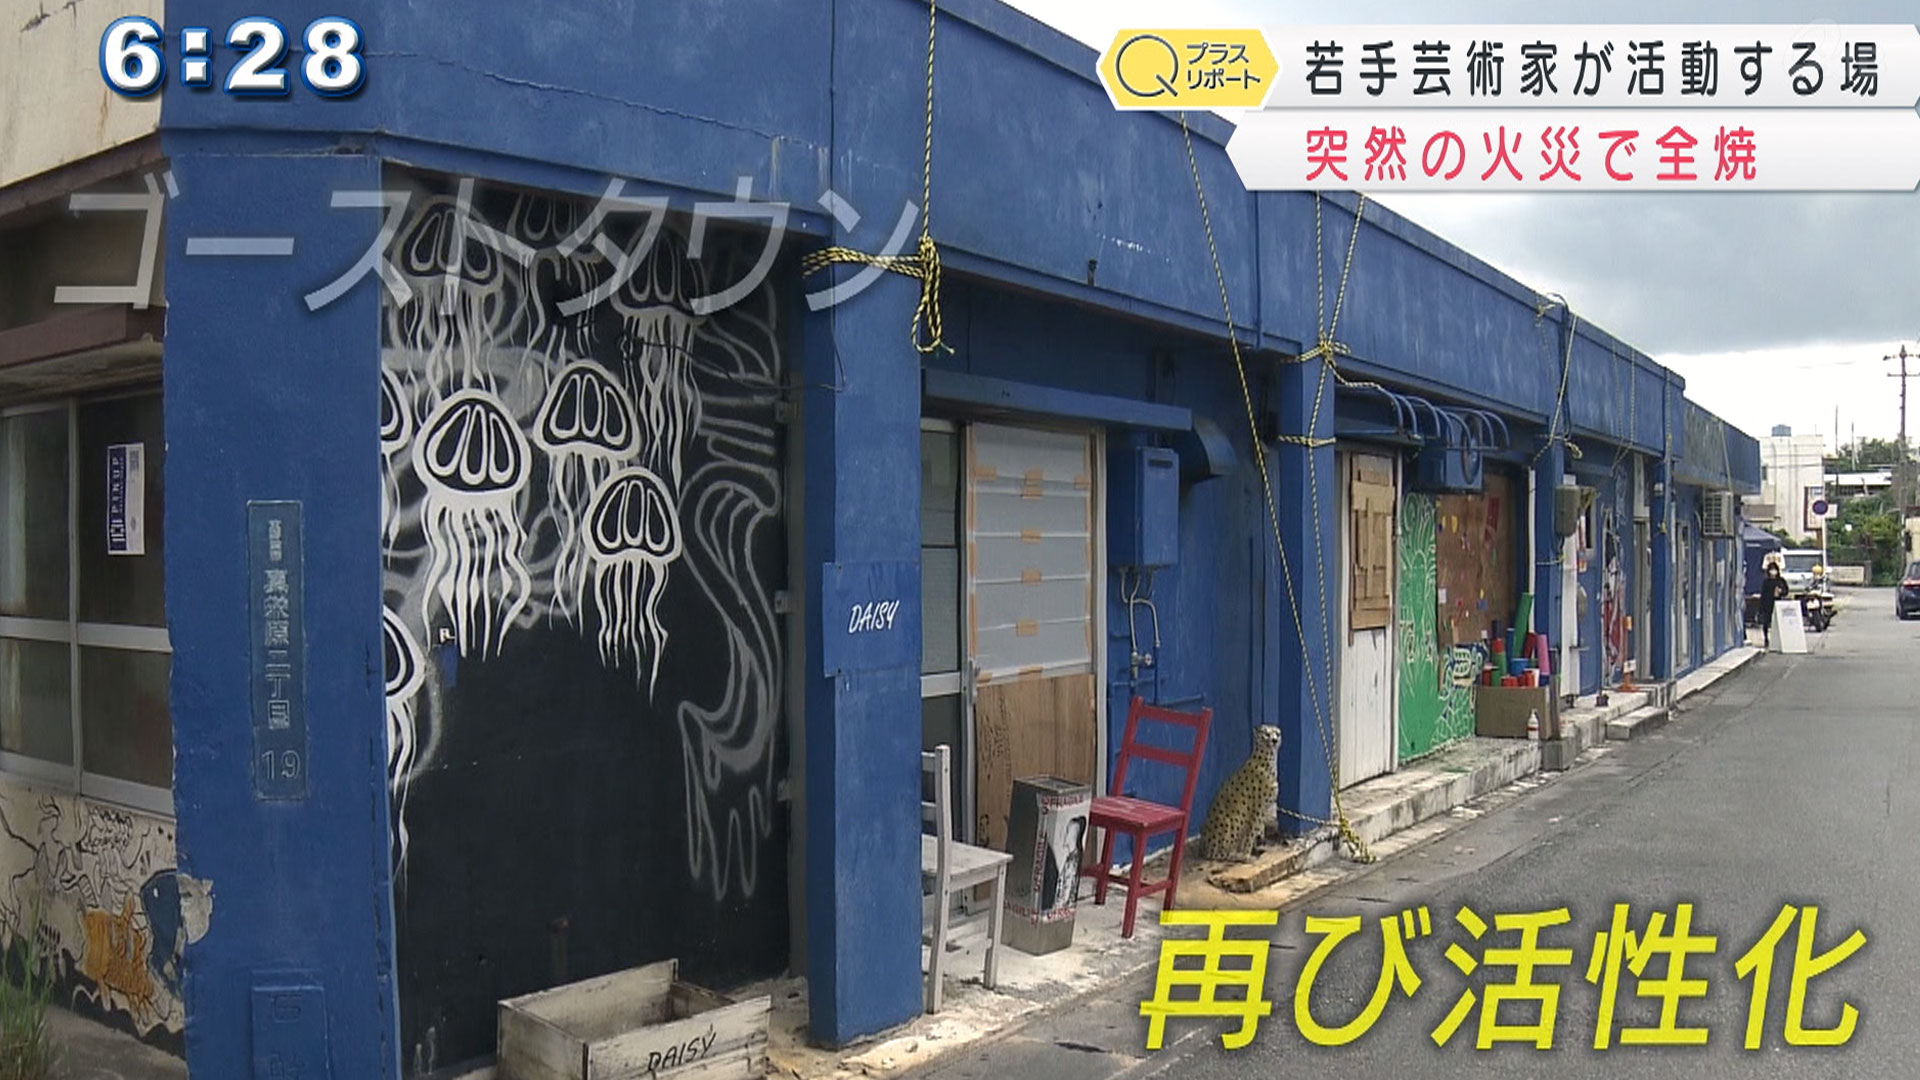 全焼から再建へ アートギャラリー